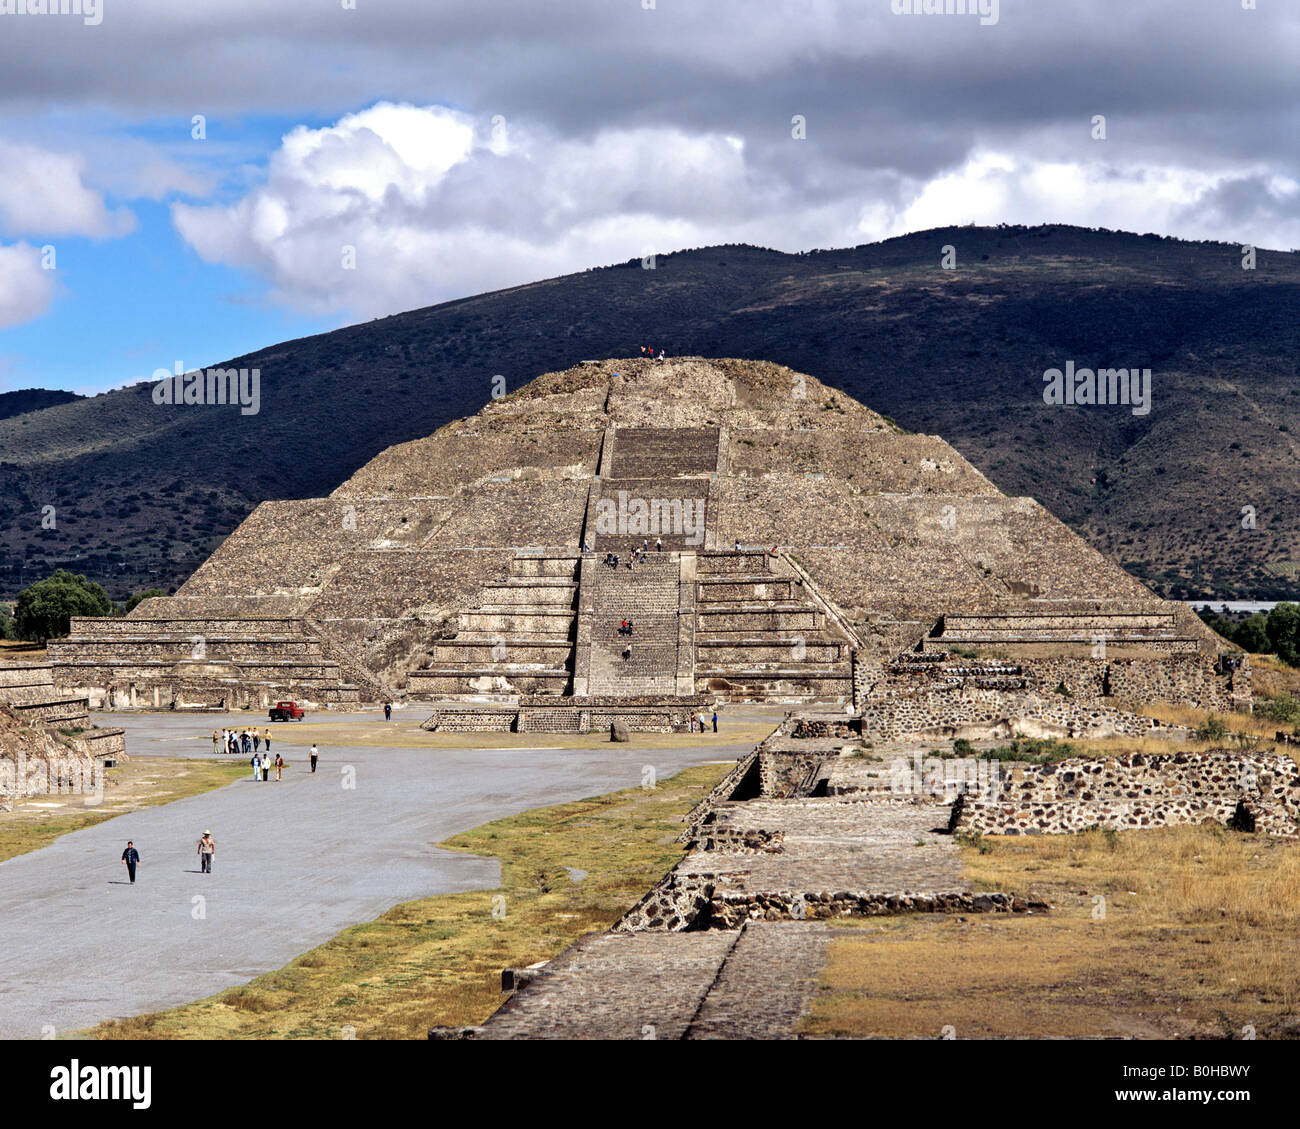 Pyramide des Mondes in Teotihuacan, aztekische Zivilisation in der Nähe von Mexiko-Stadt, Mexiko, Mittelamerika Stockbild